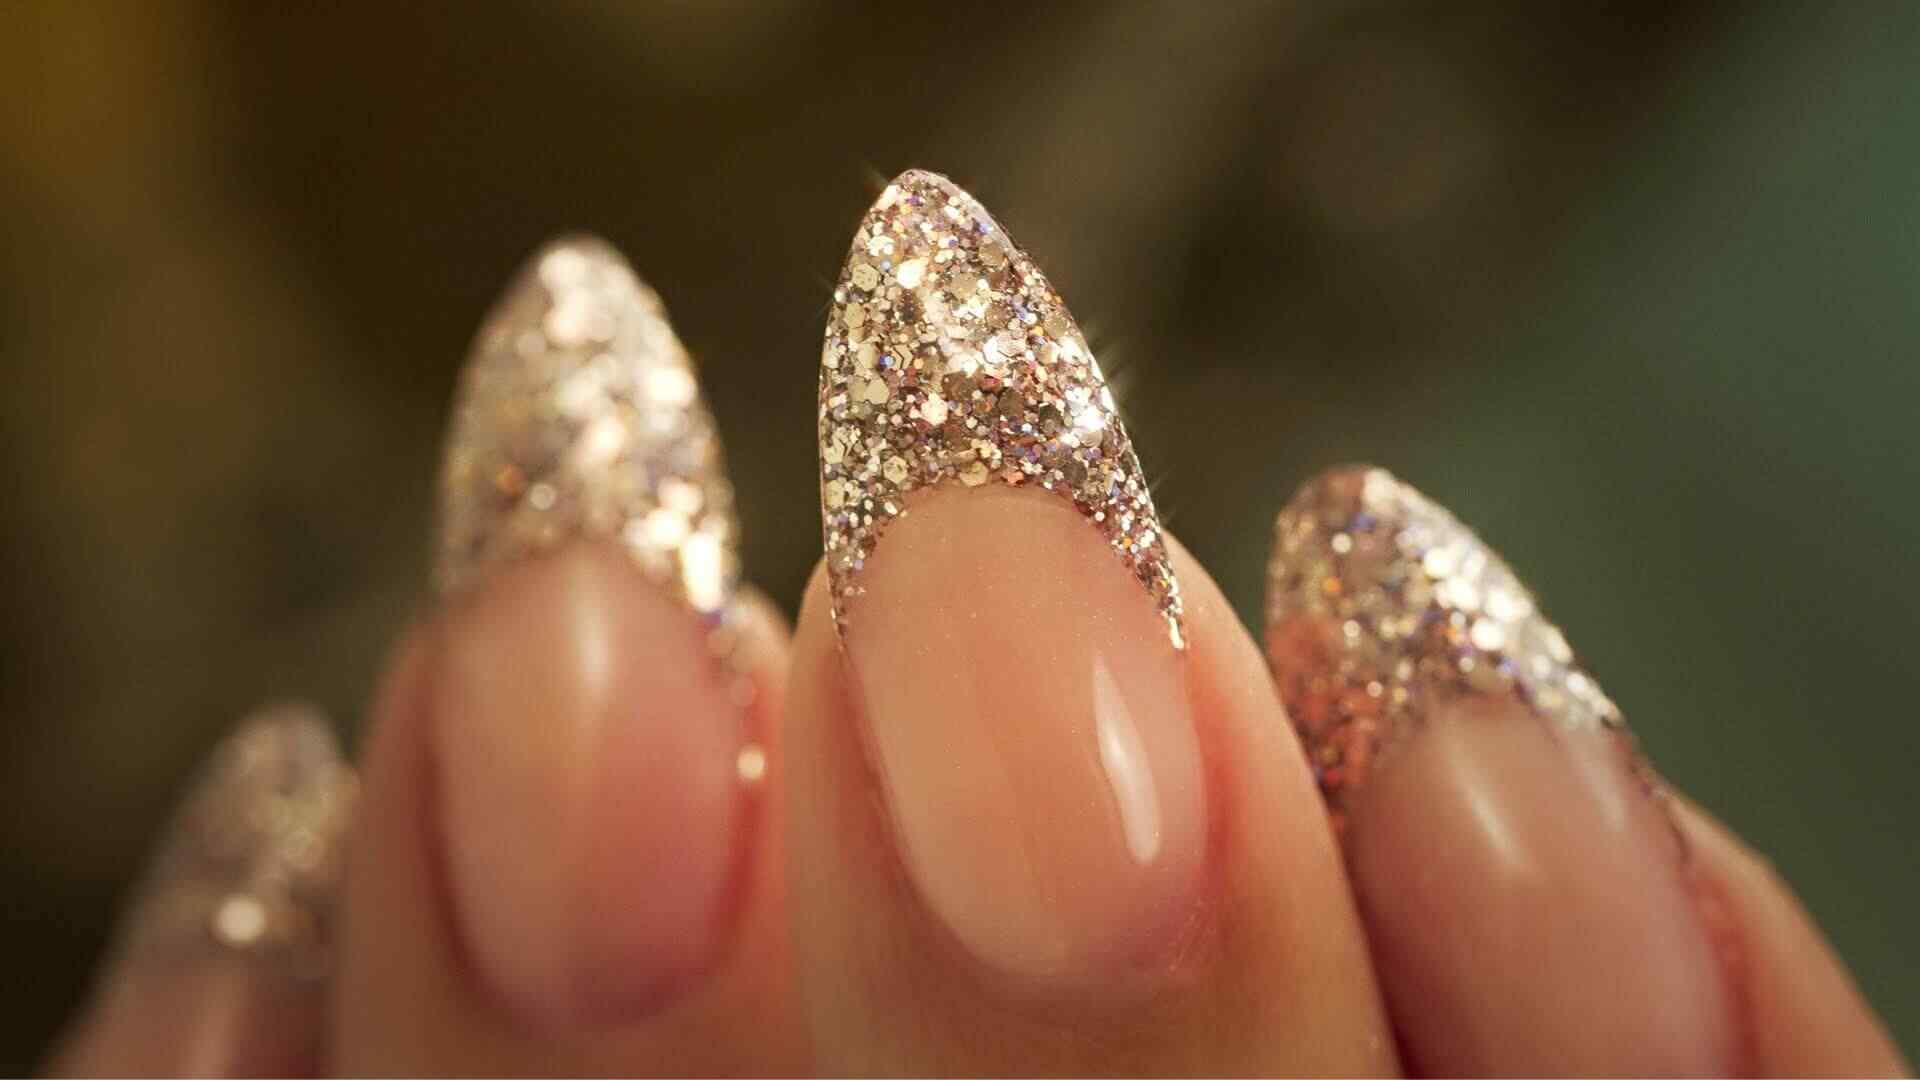 uñas acrílicas almendra doradas con brillo